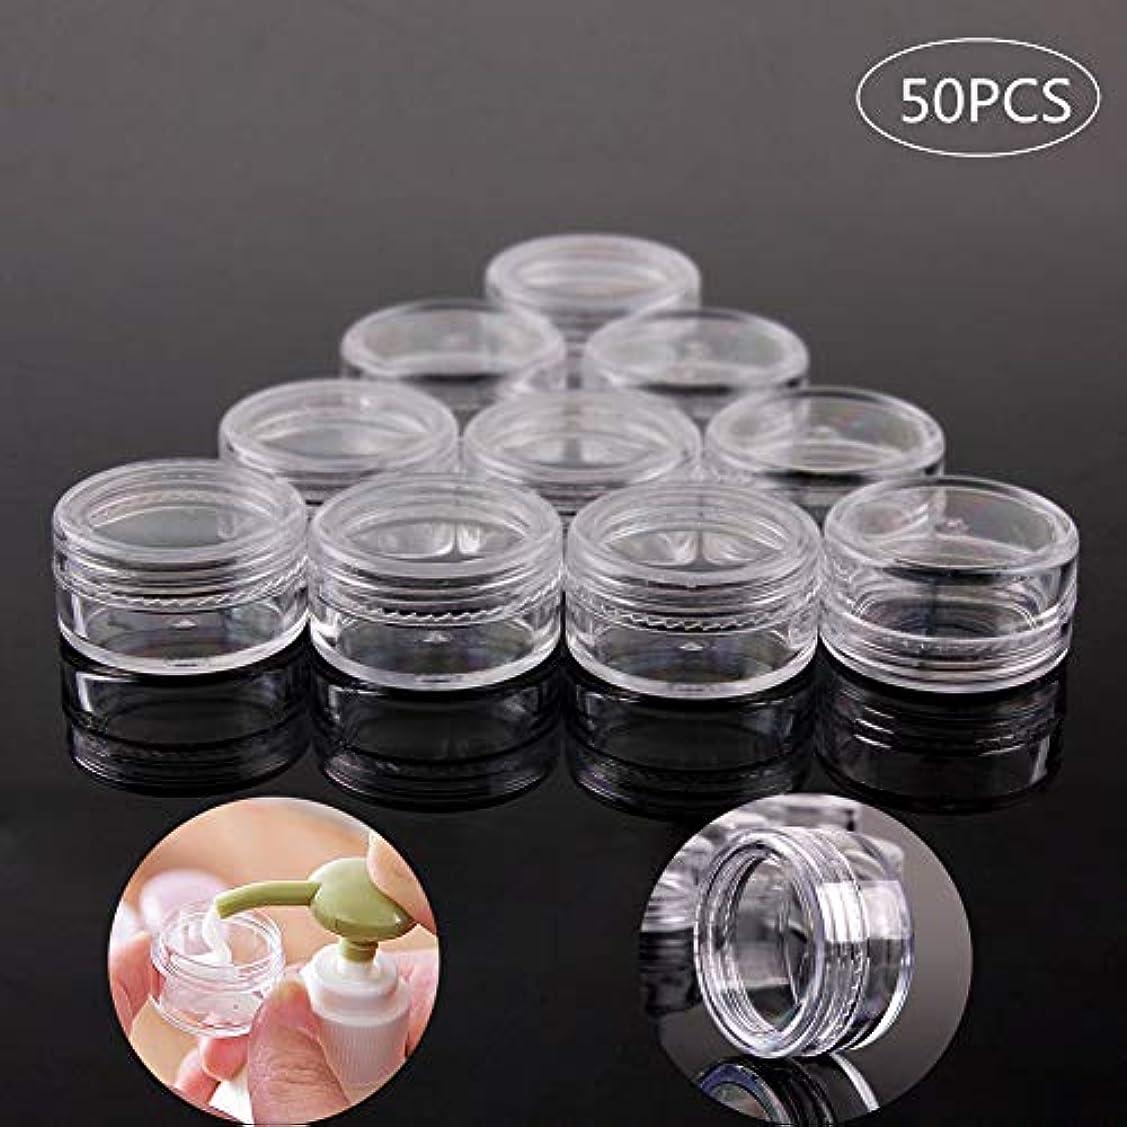 しわハシーリーガンKingsie クリームケース 50個セット 5g 小分け容器 詰め替え容器 化粧品用ボトル 透明 携帯用 収納 出張/旅行用品 (5g)